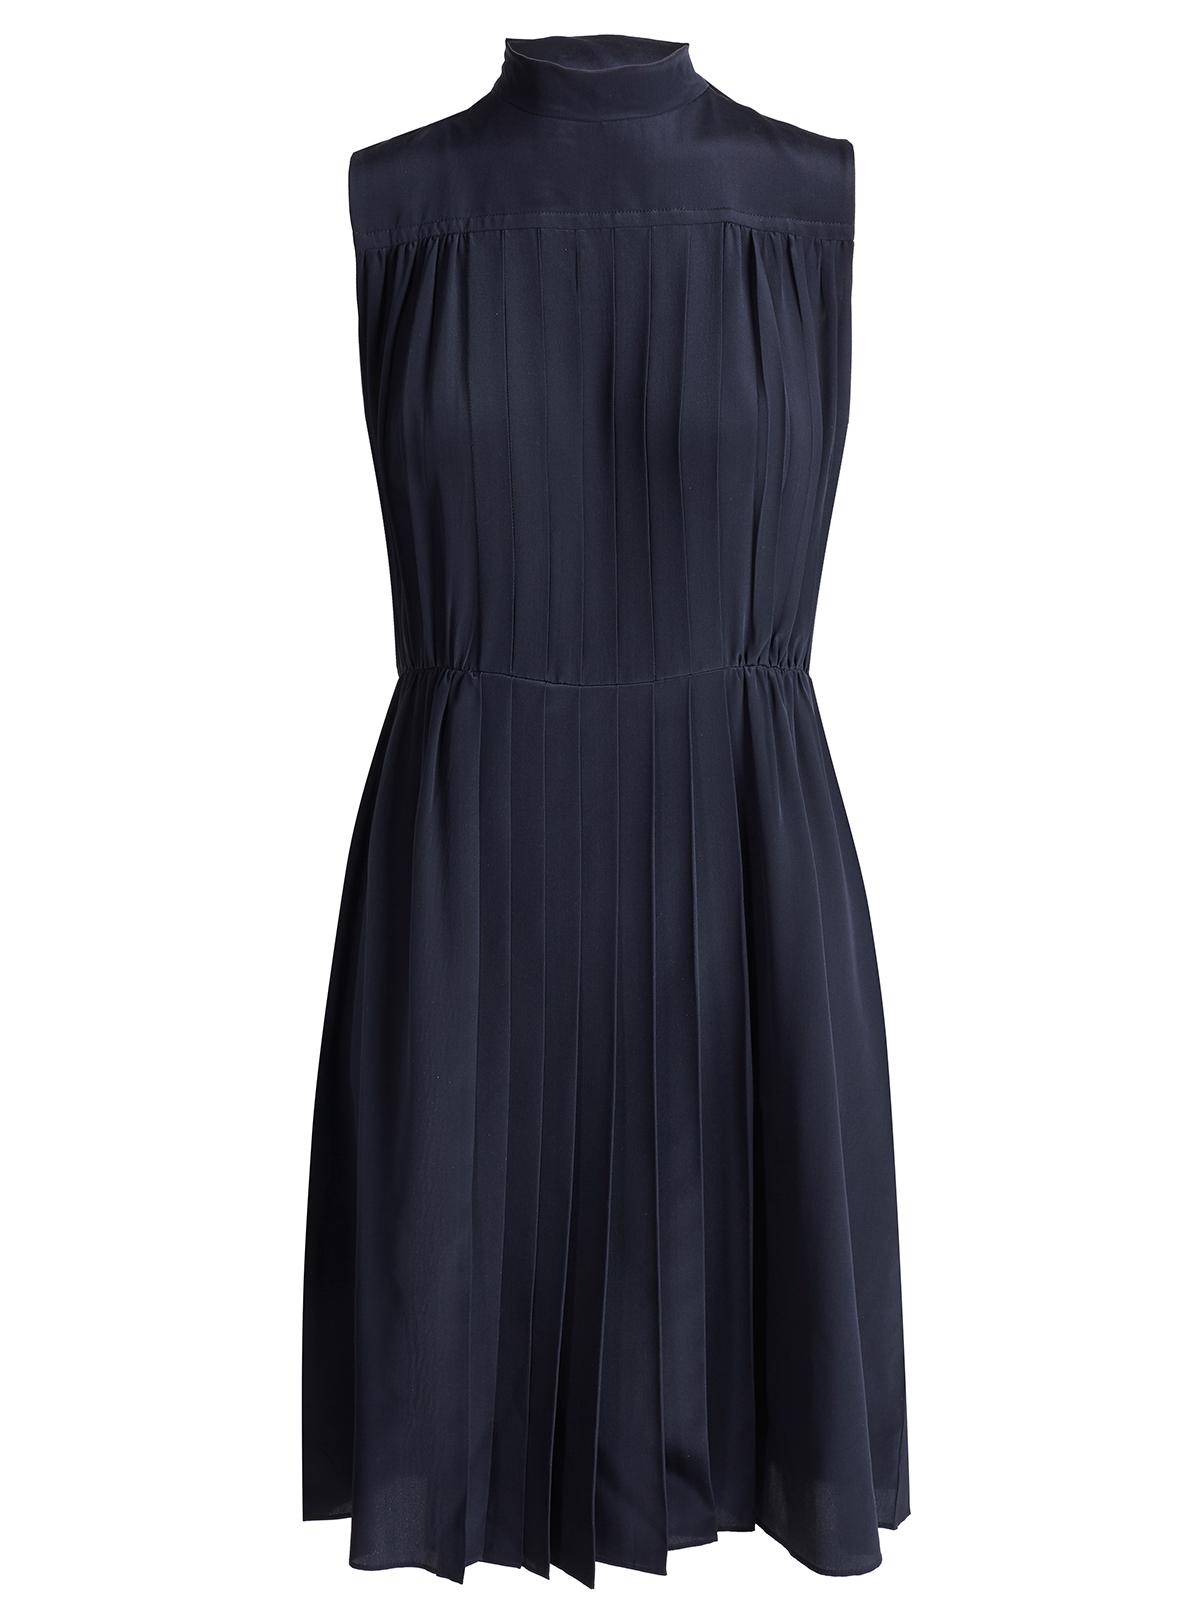 miumiu kleid dress mf1771 dunkelblau 100 seide silk ebay. Black Bedroom Furniture Sets. Home Design Ideas